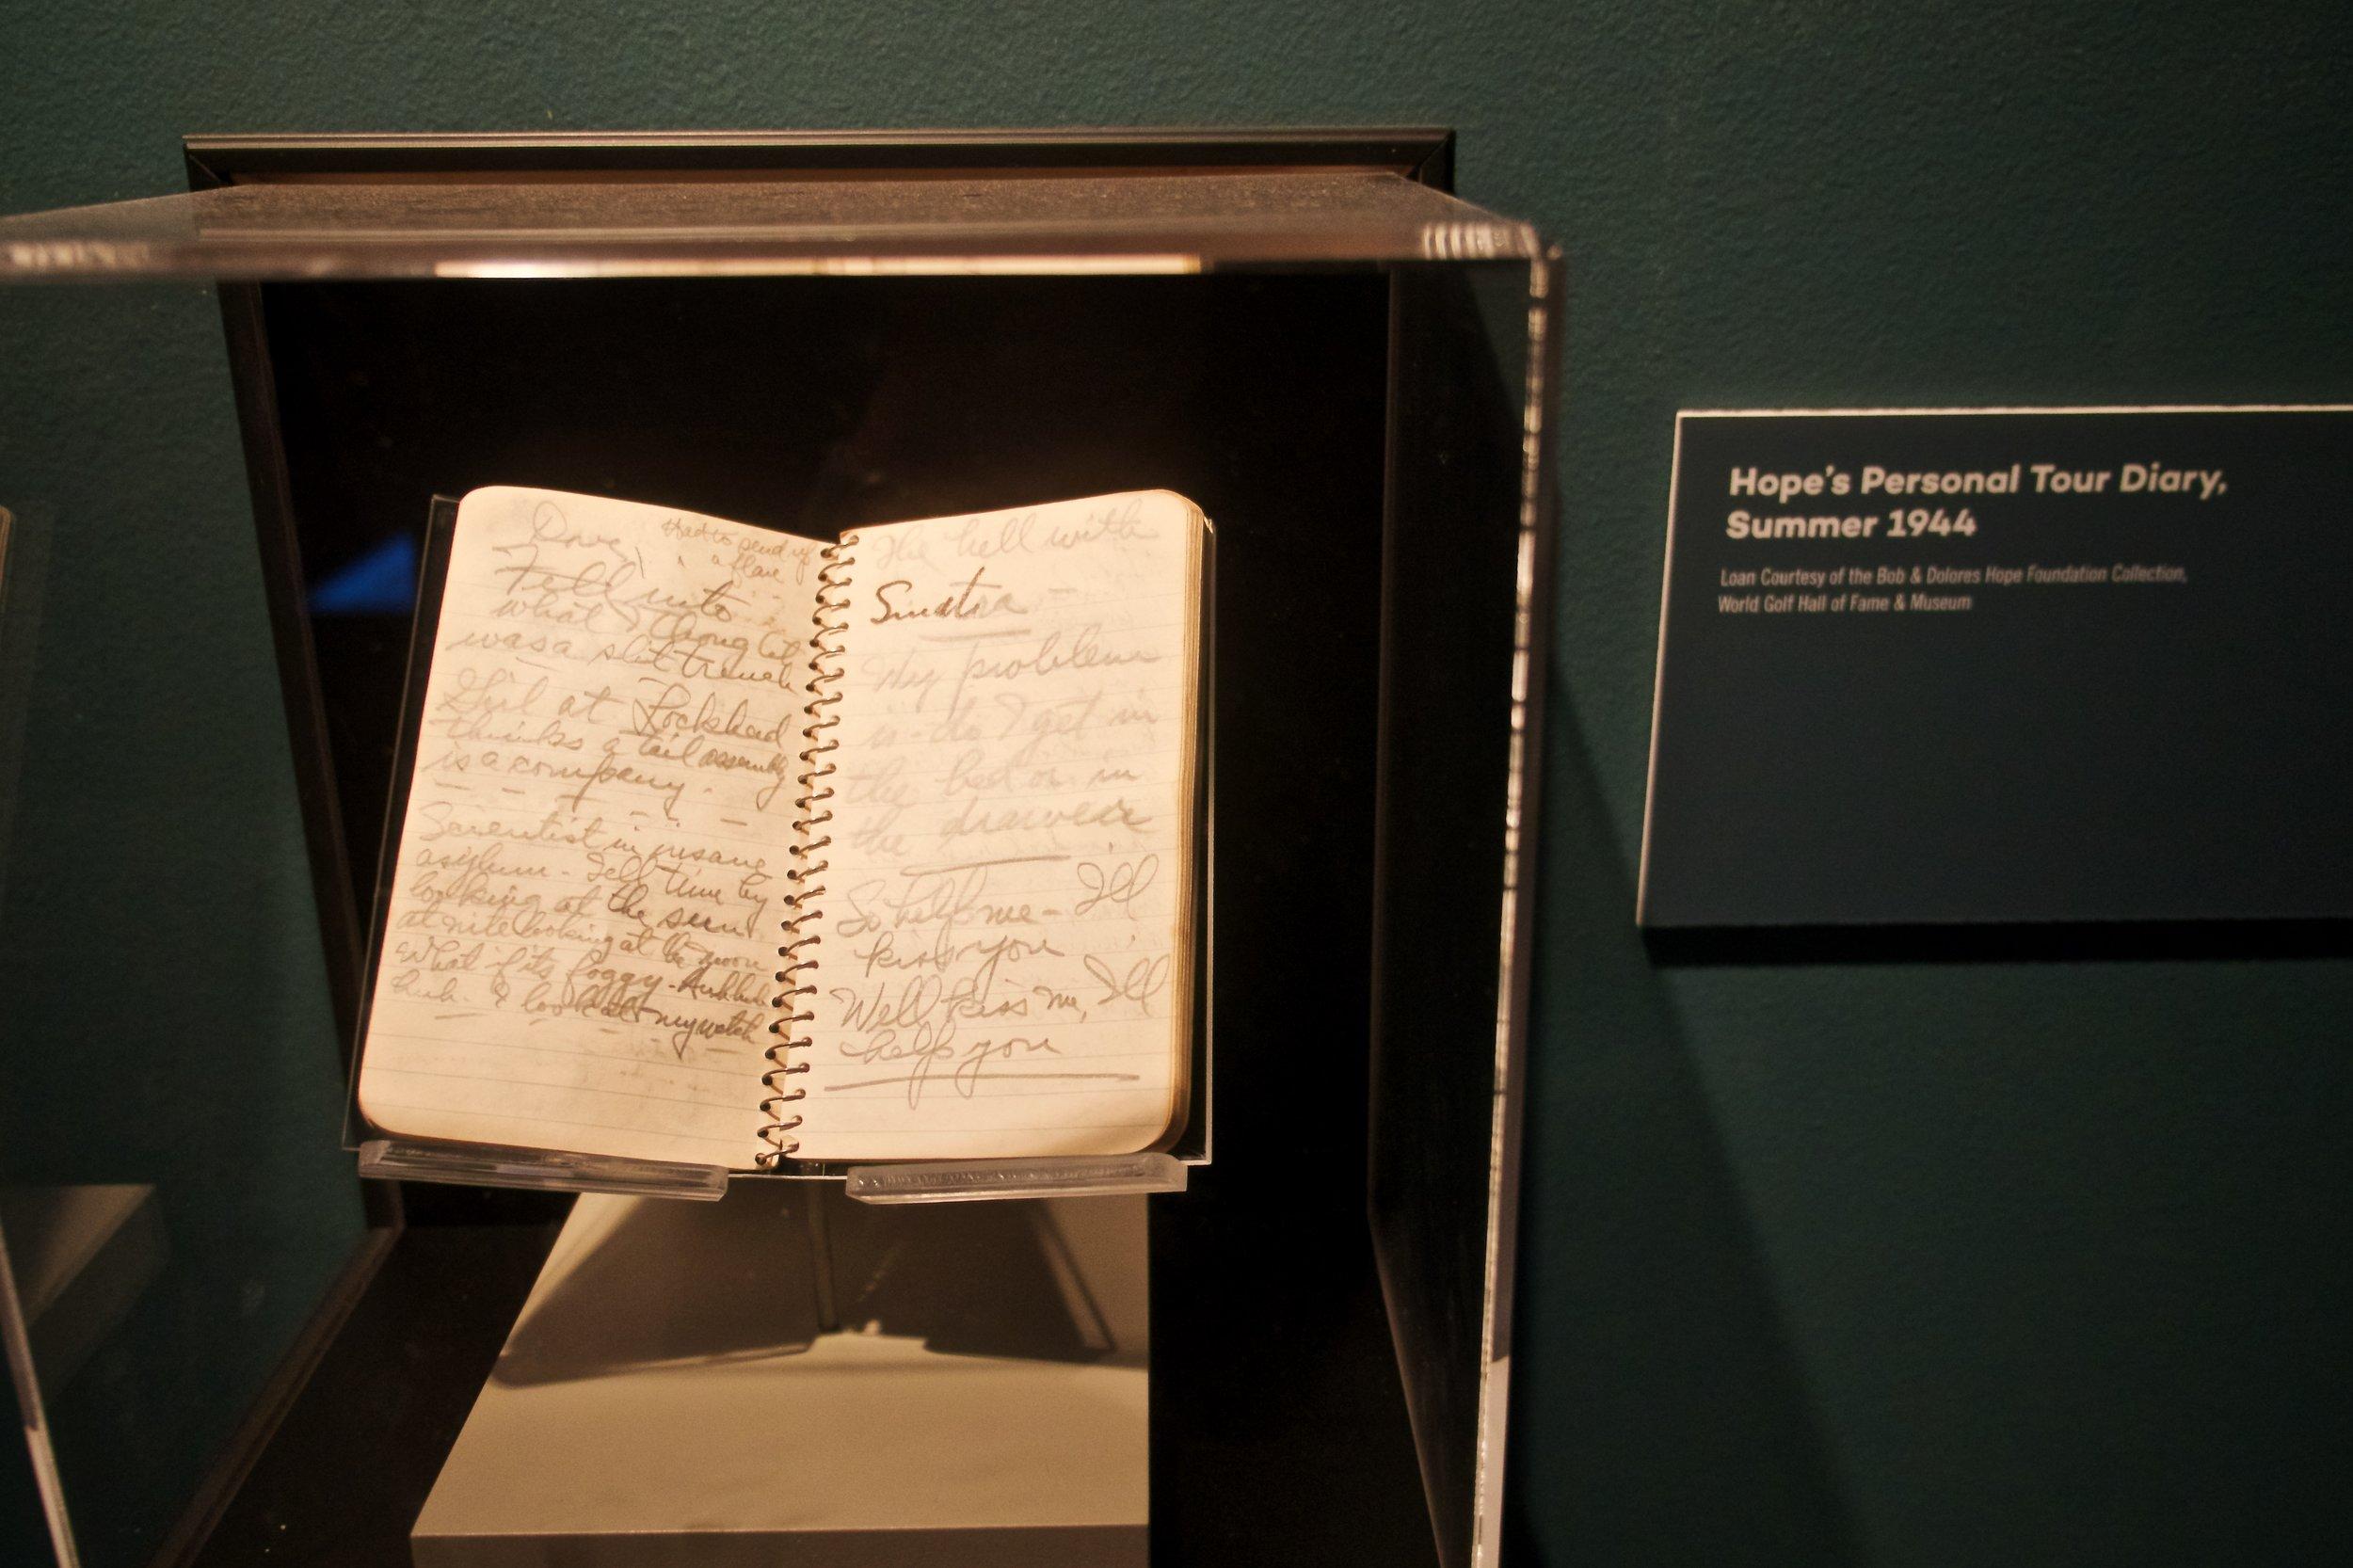 Bob Hope's 1944 tour diary